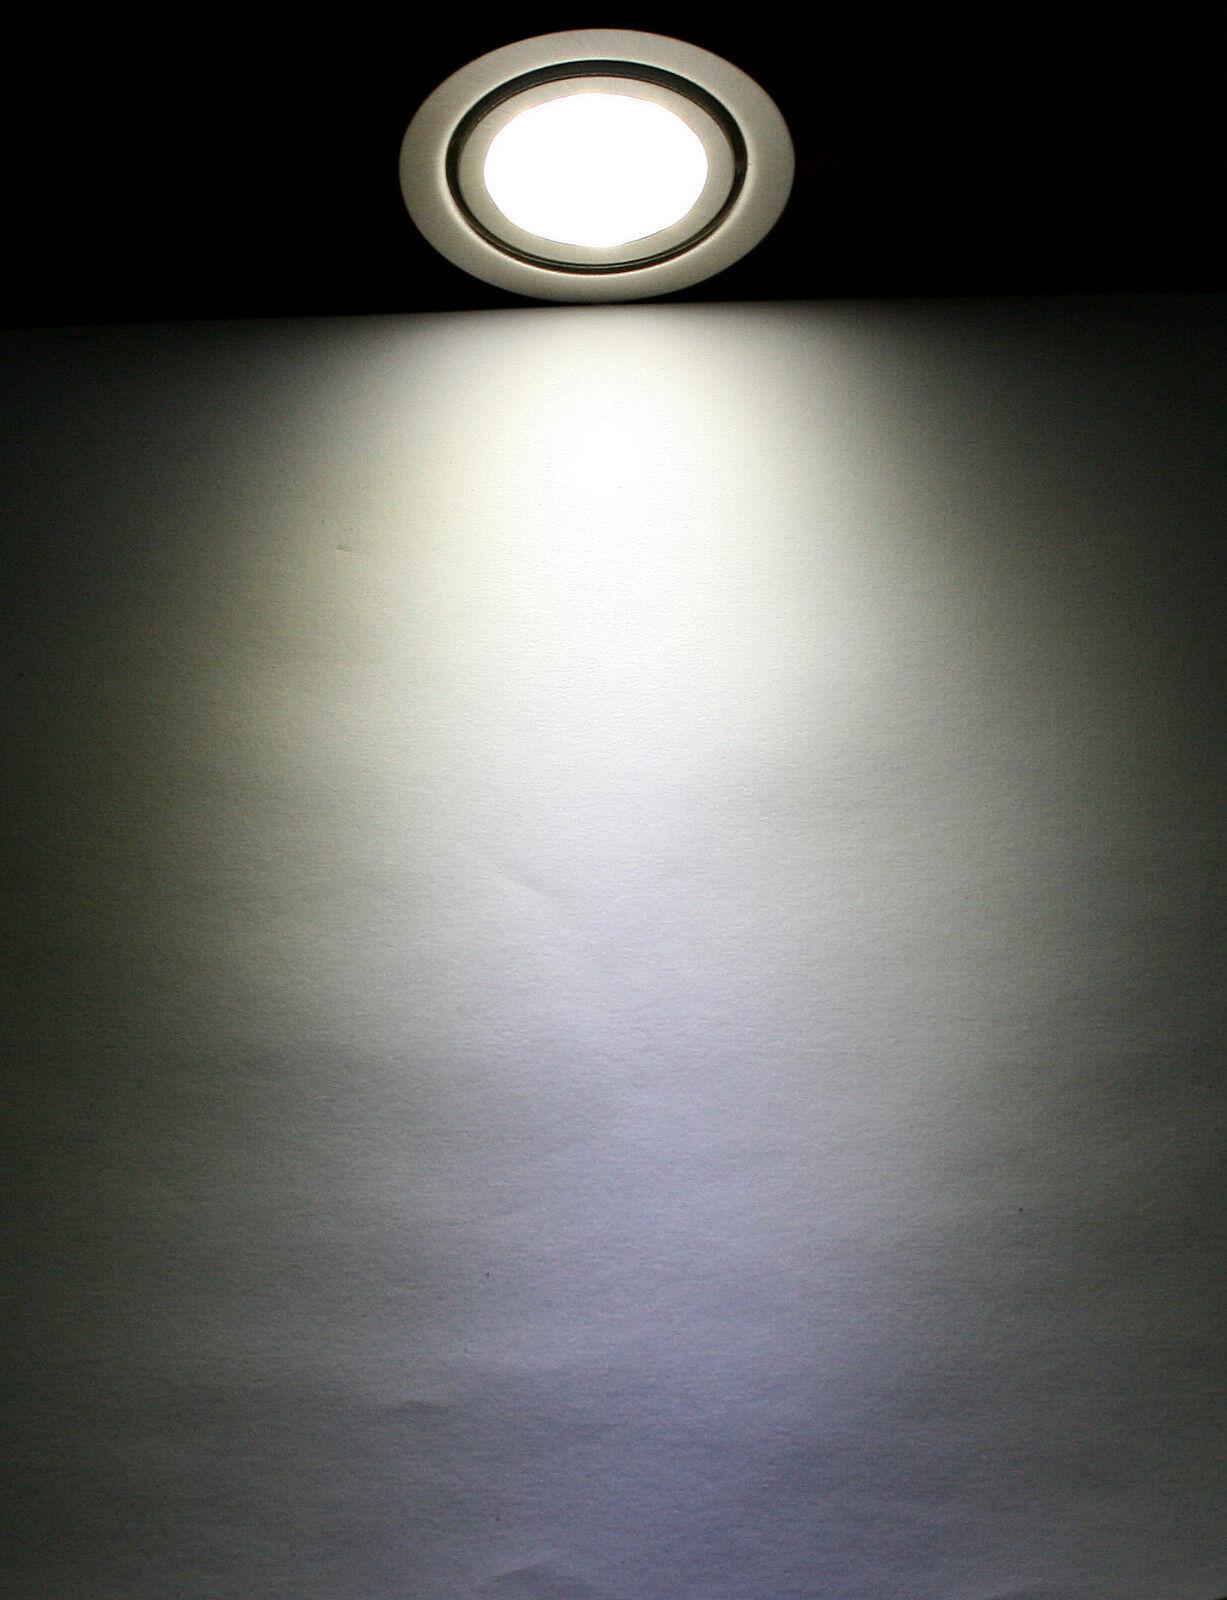 Küchen Küchen Küchen strahler Mobi 12V LED 3Watt  30Watt IP20 mit 1,5m Kabellänge ohne Trafo | Moderne und stilvolle Mode  |  79e008